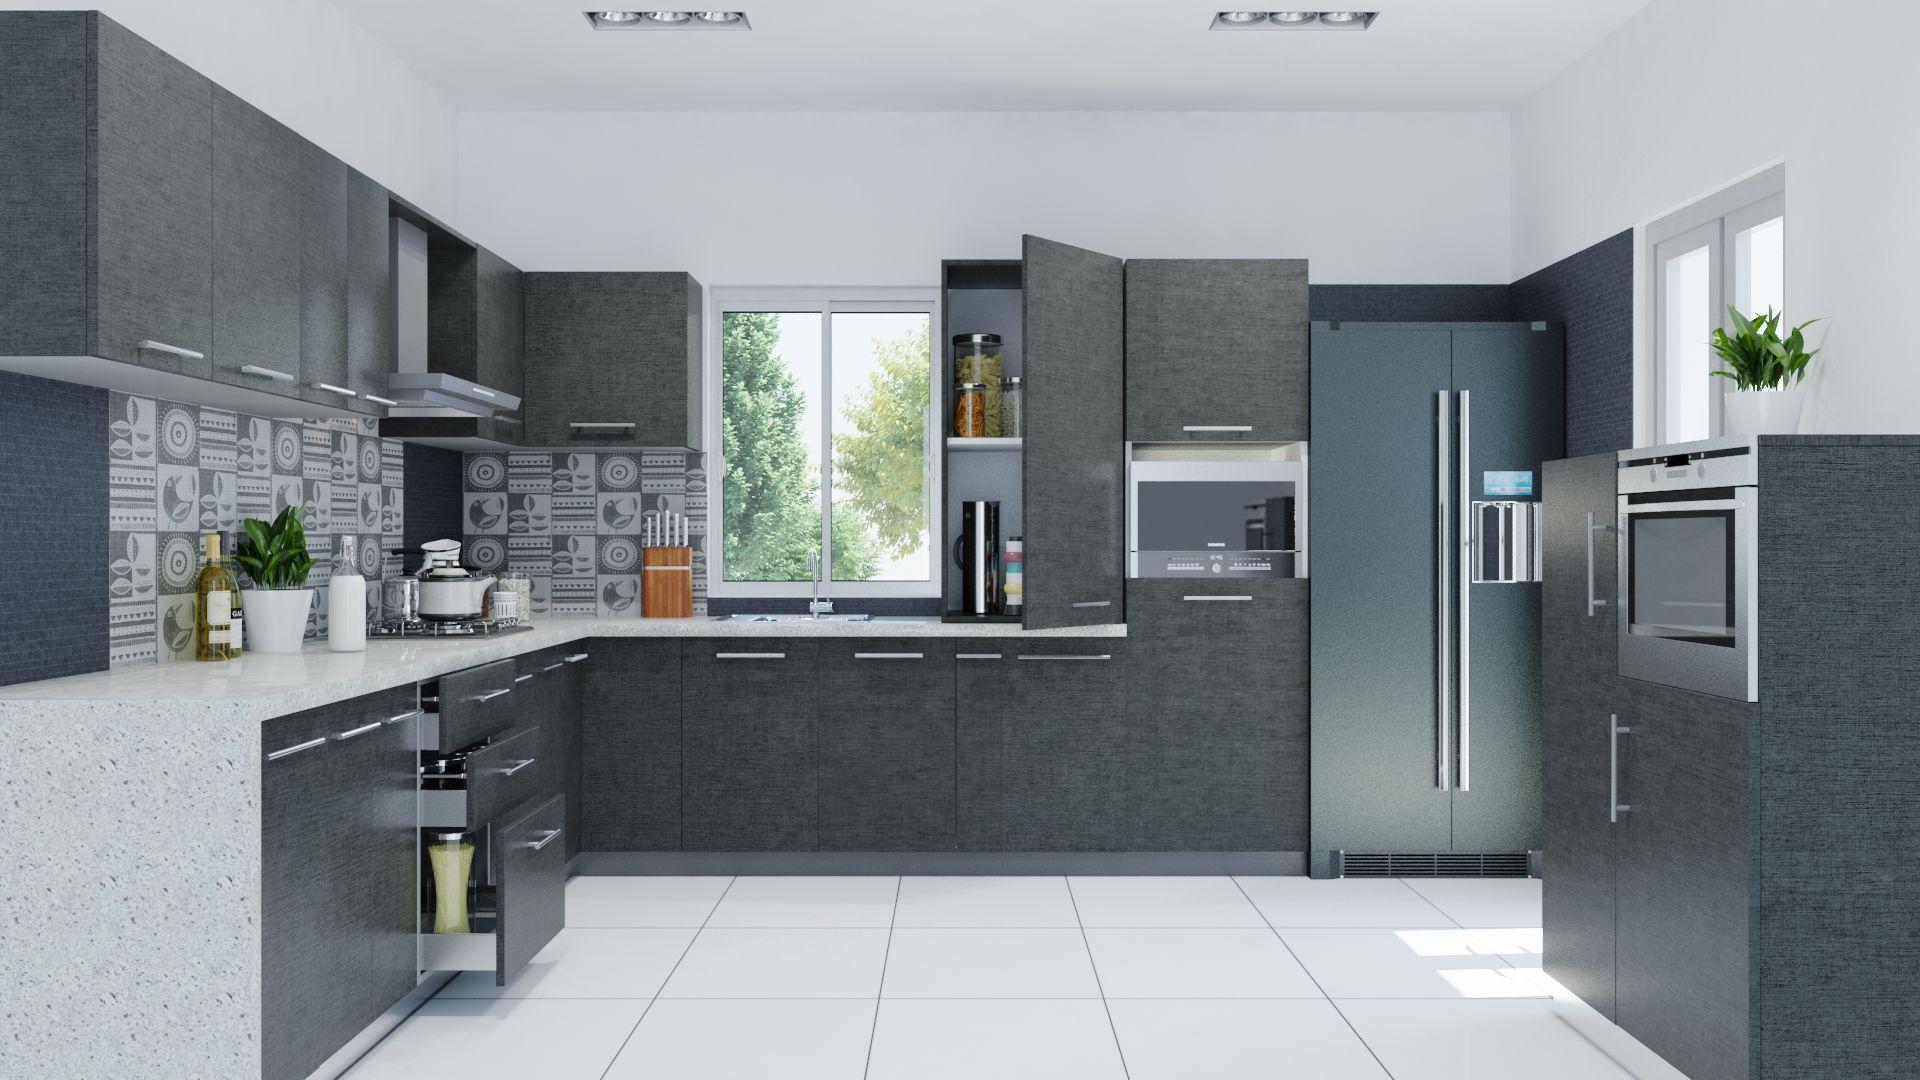 Zwei Getonten Kuchenschranke Kitchen Design Color L Shaped